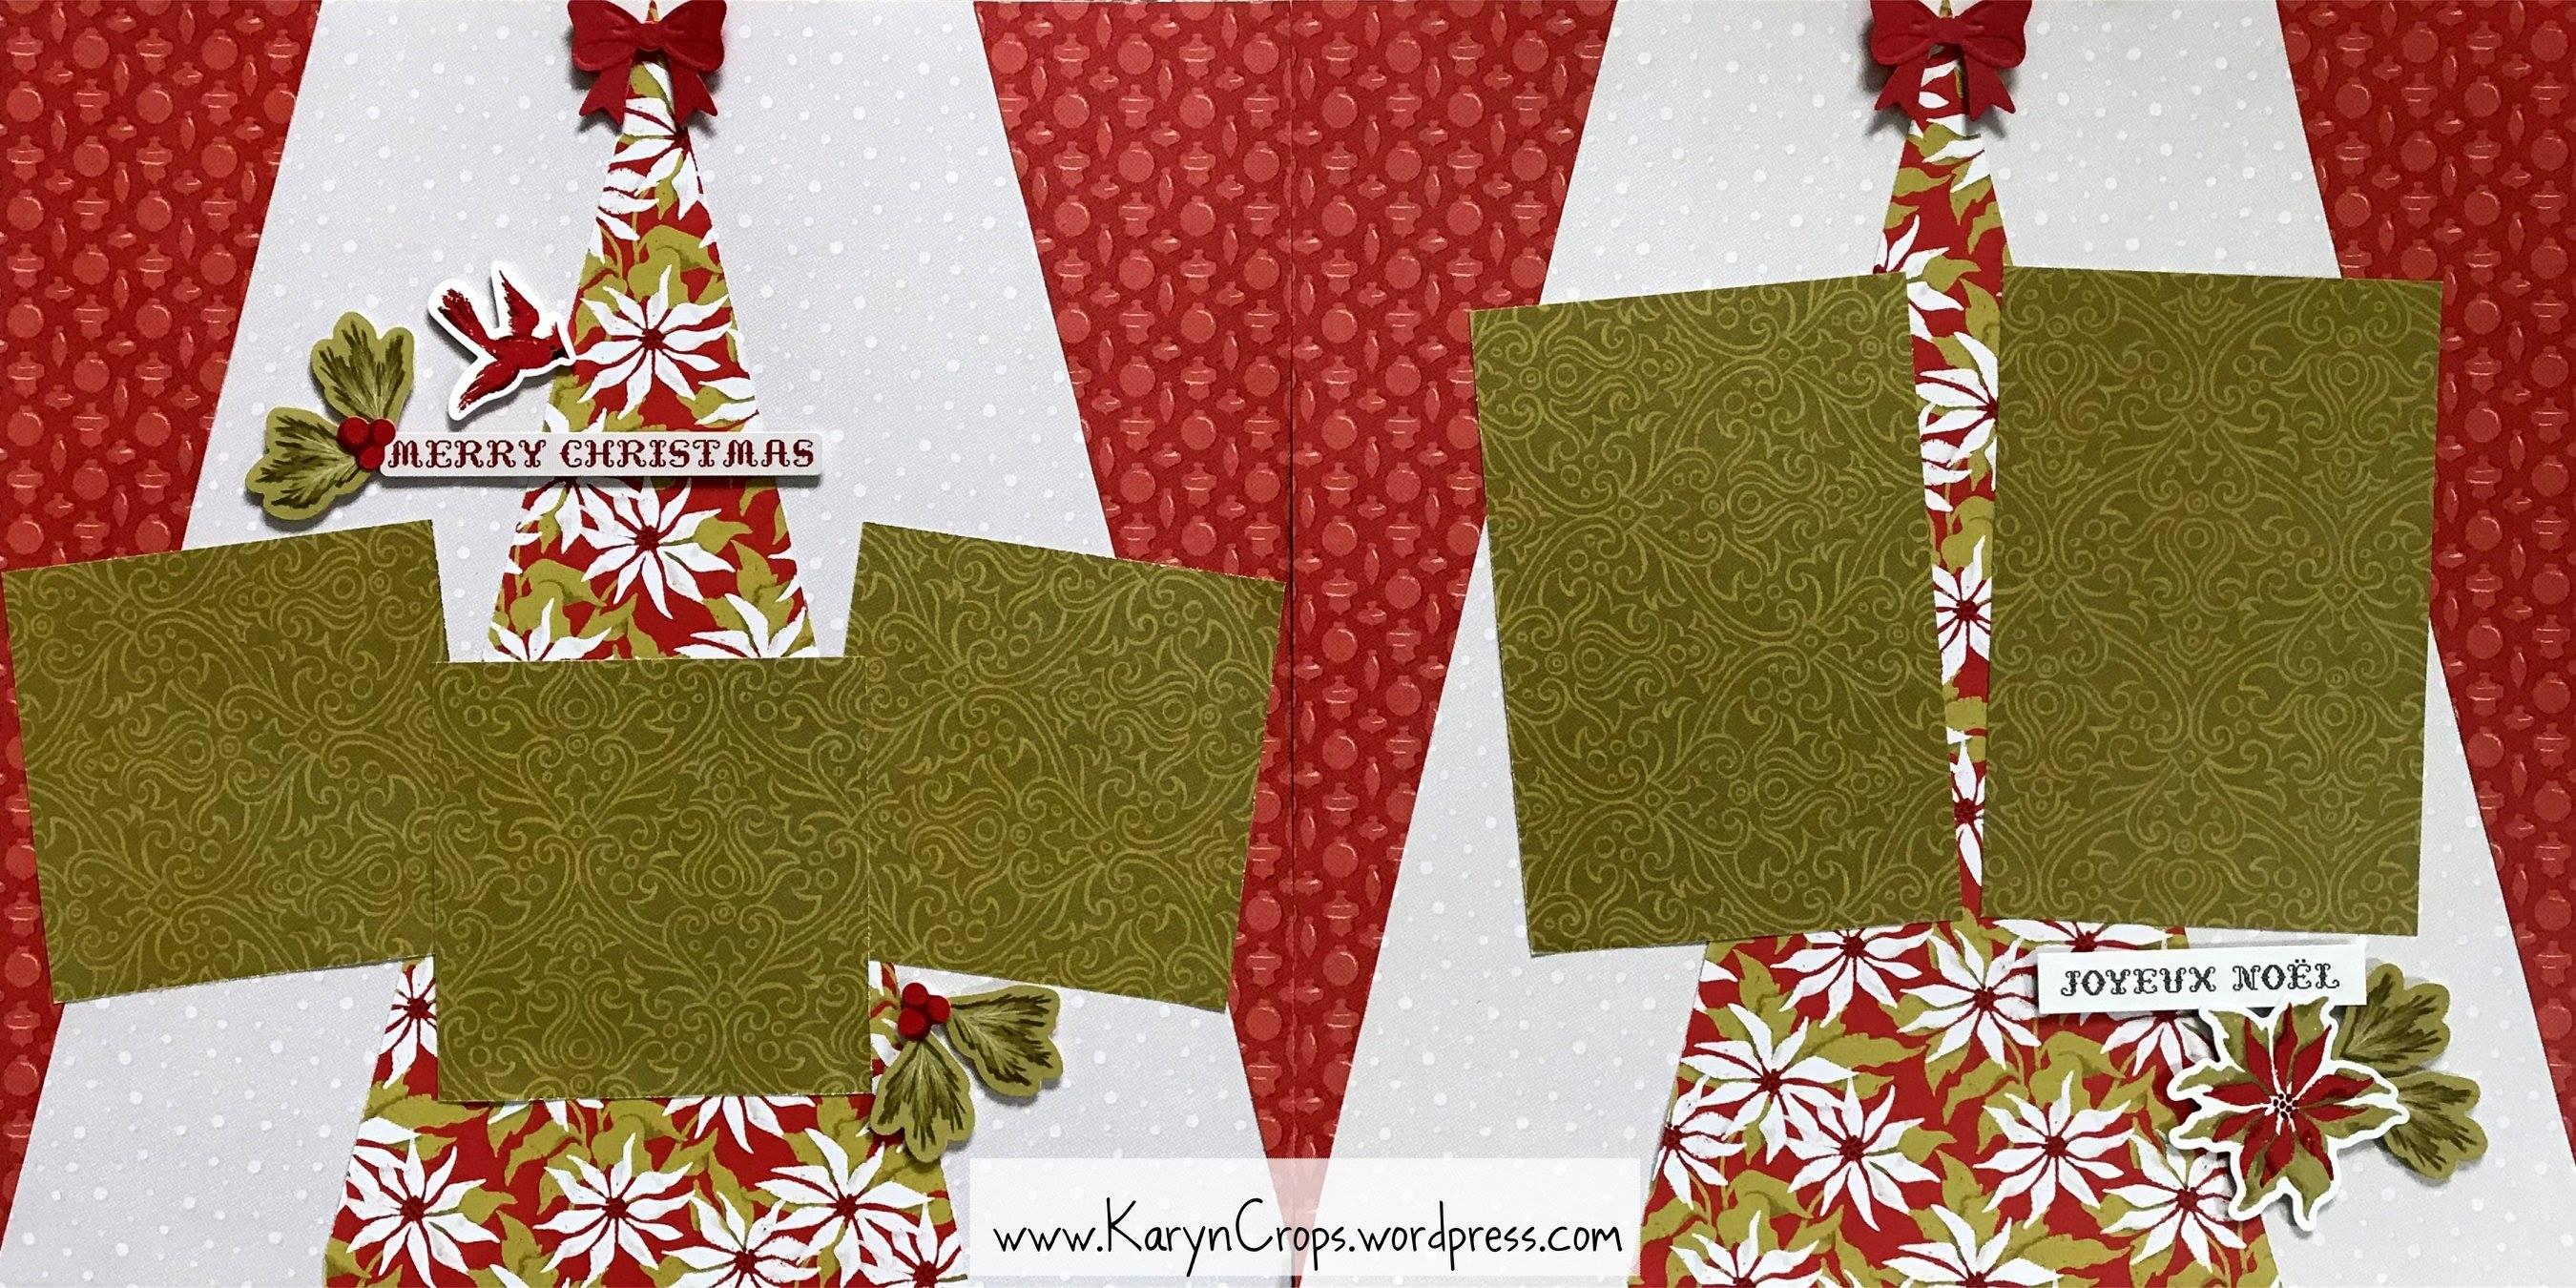 KarynCropsWordpressSeasonsGreetings123-2